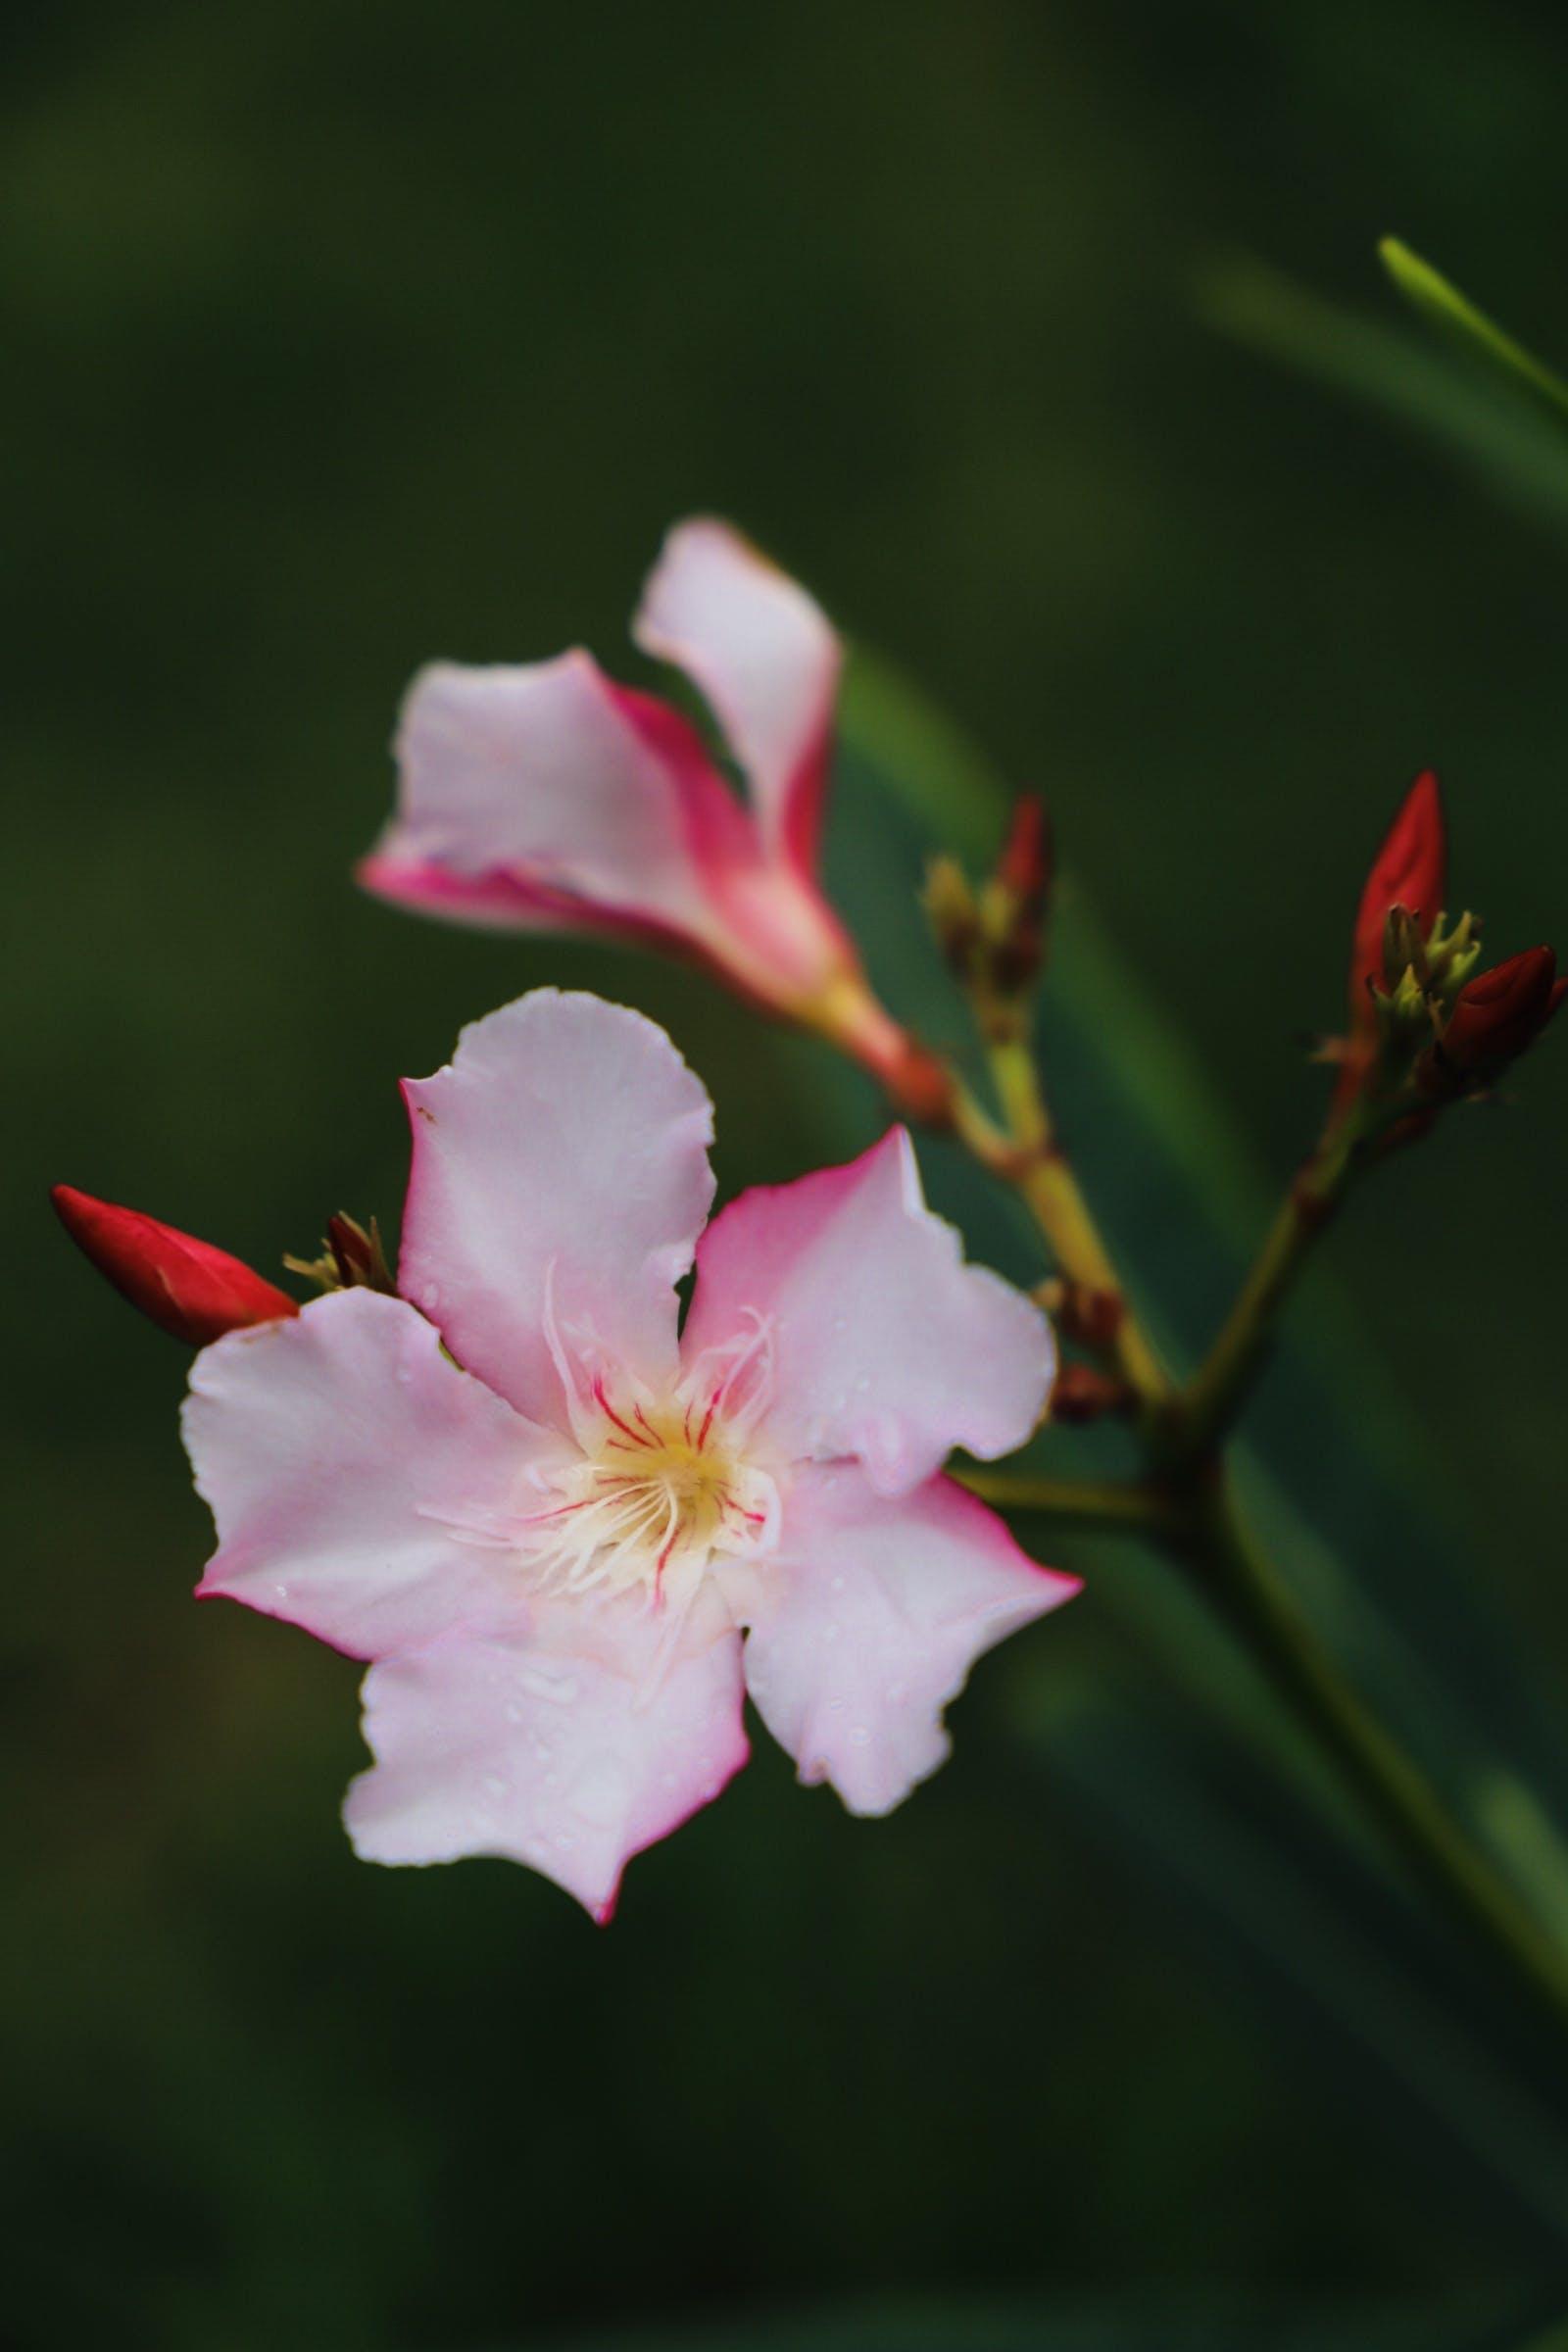 Gratis lagerfoto af lyserøde blomster